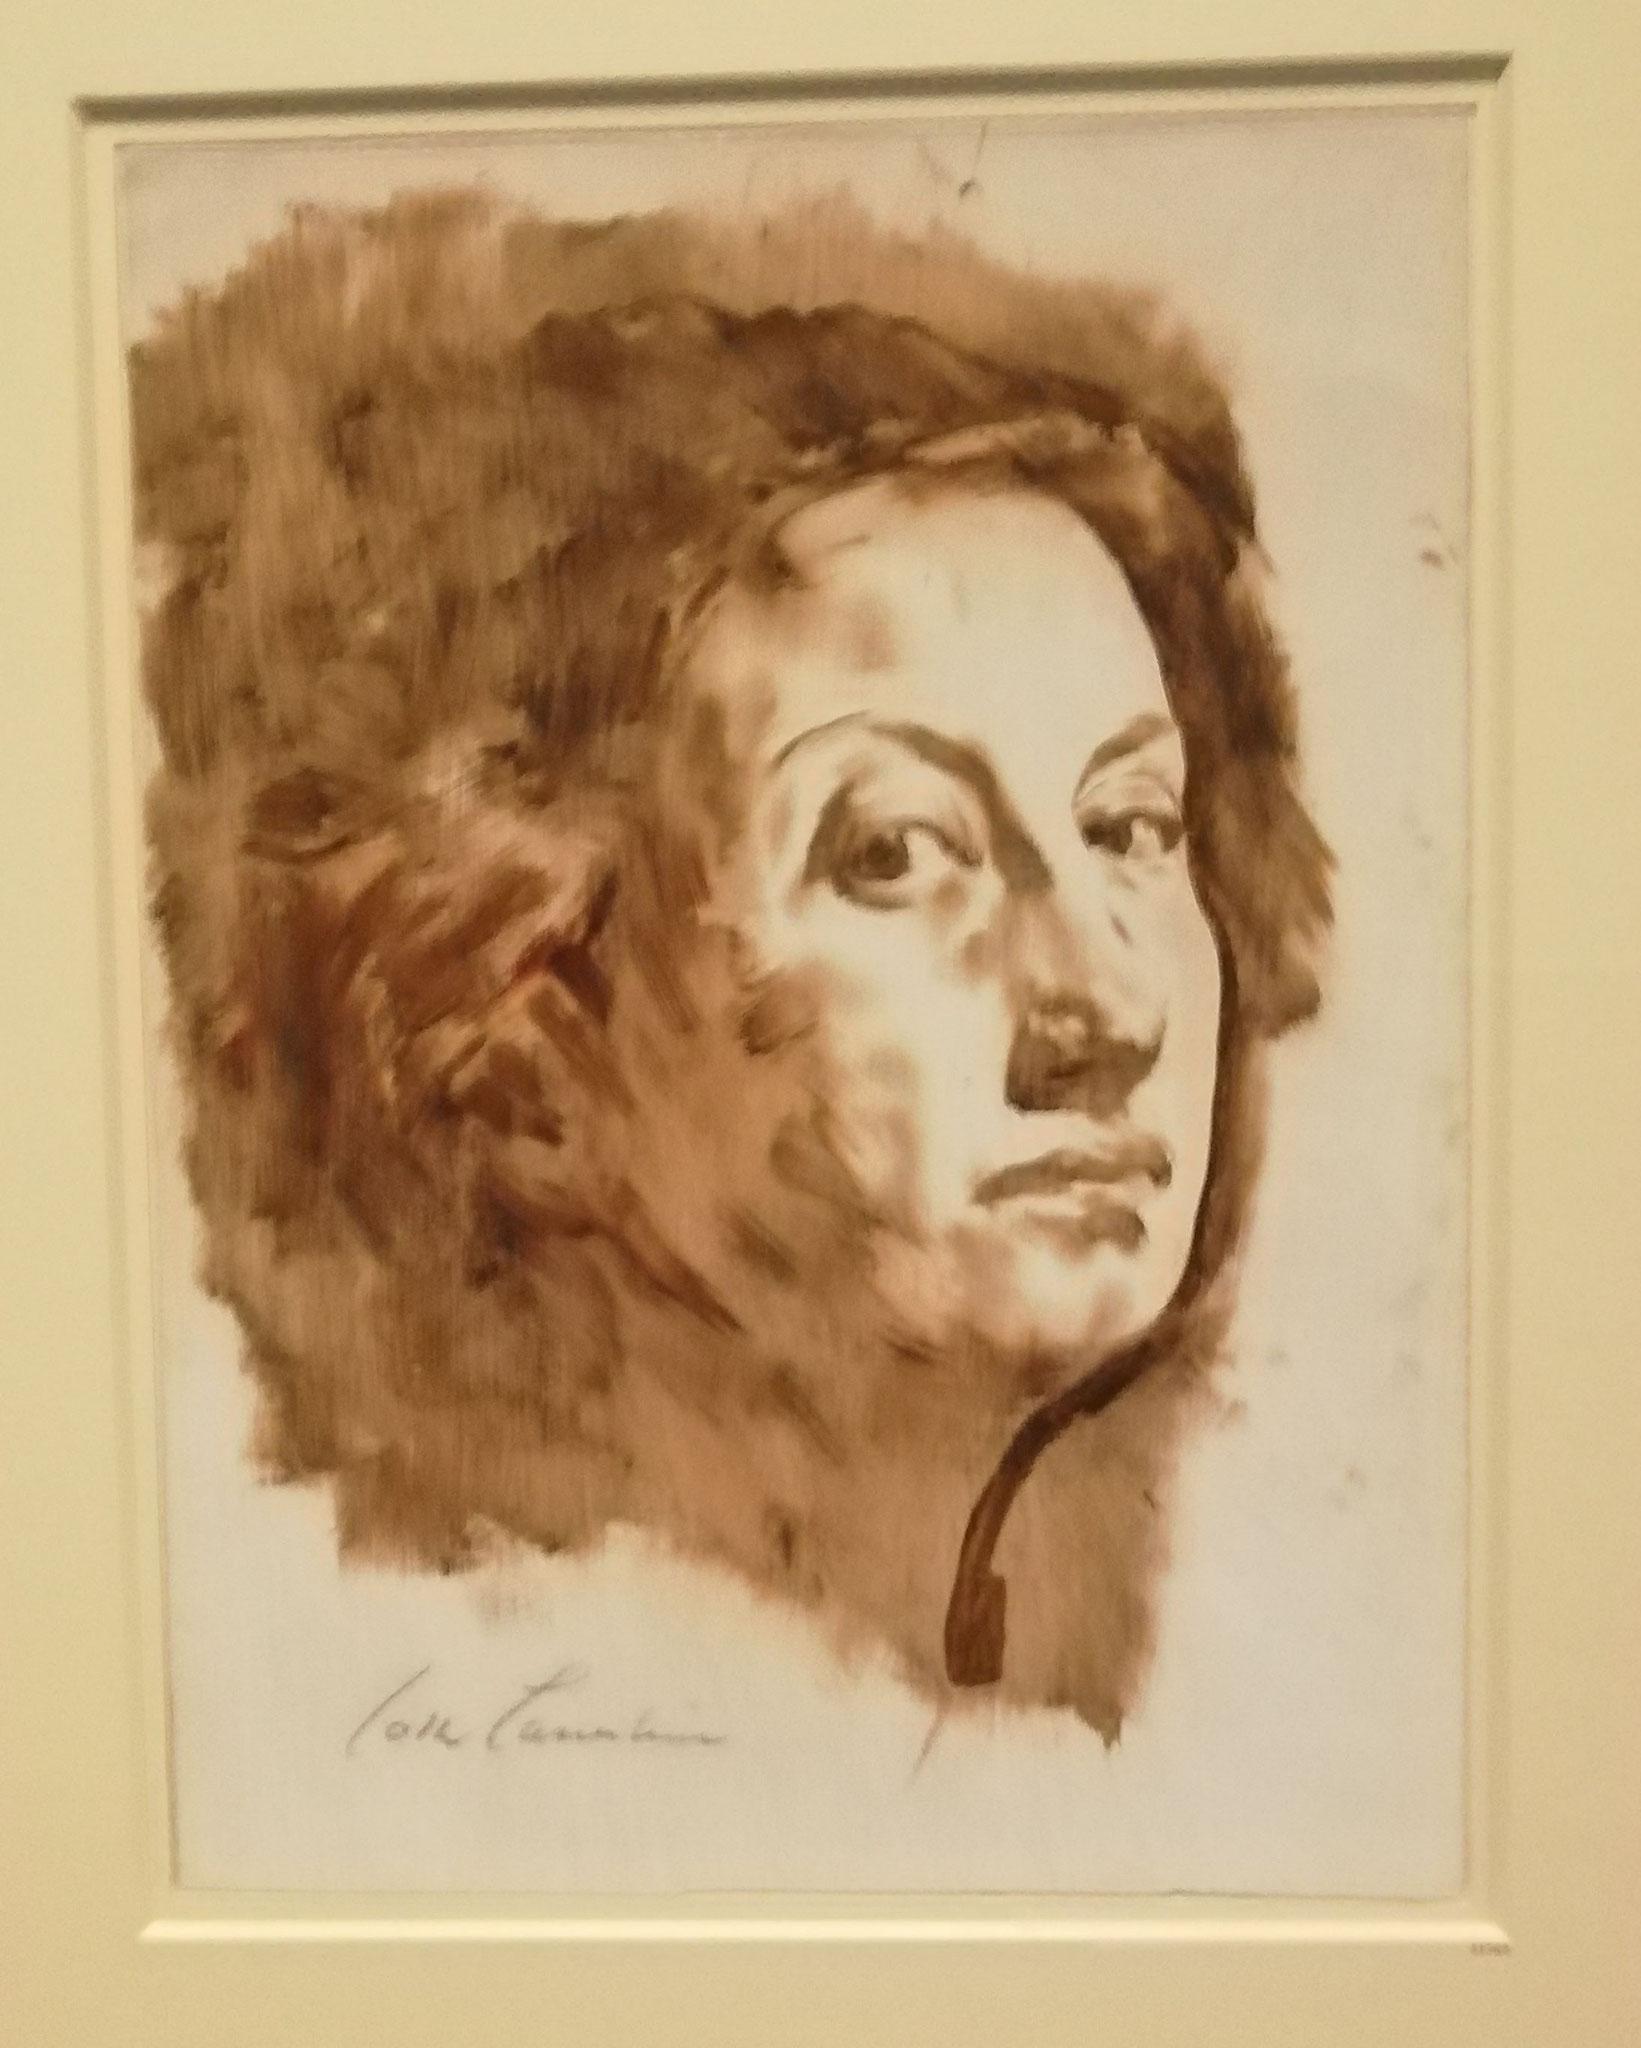 Lotte Laserstein, Selbstporträt, 1930